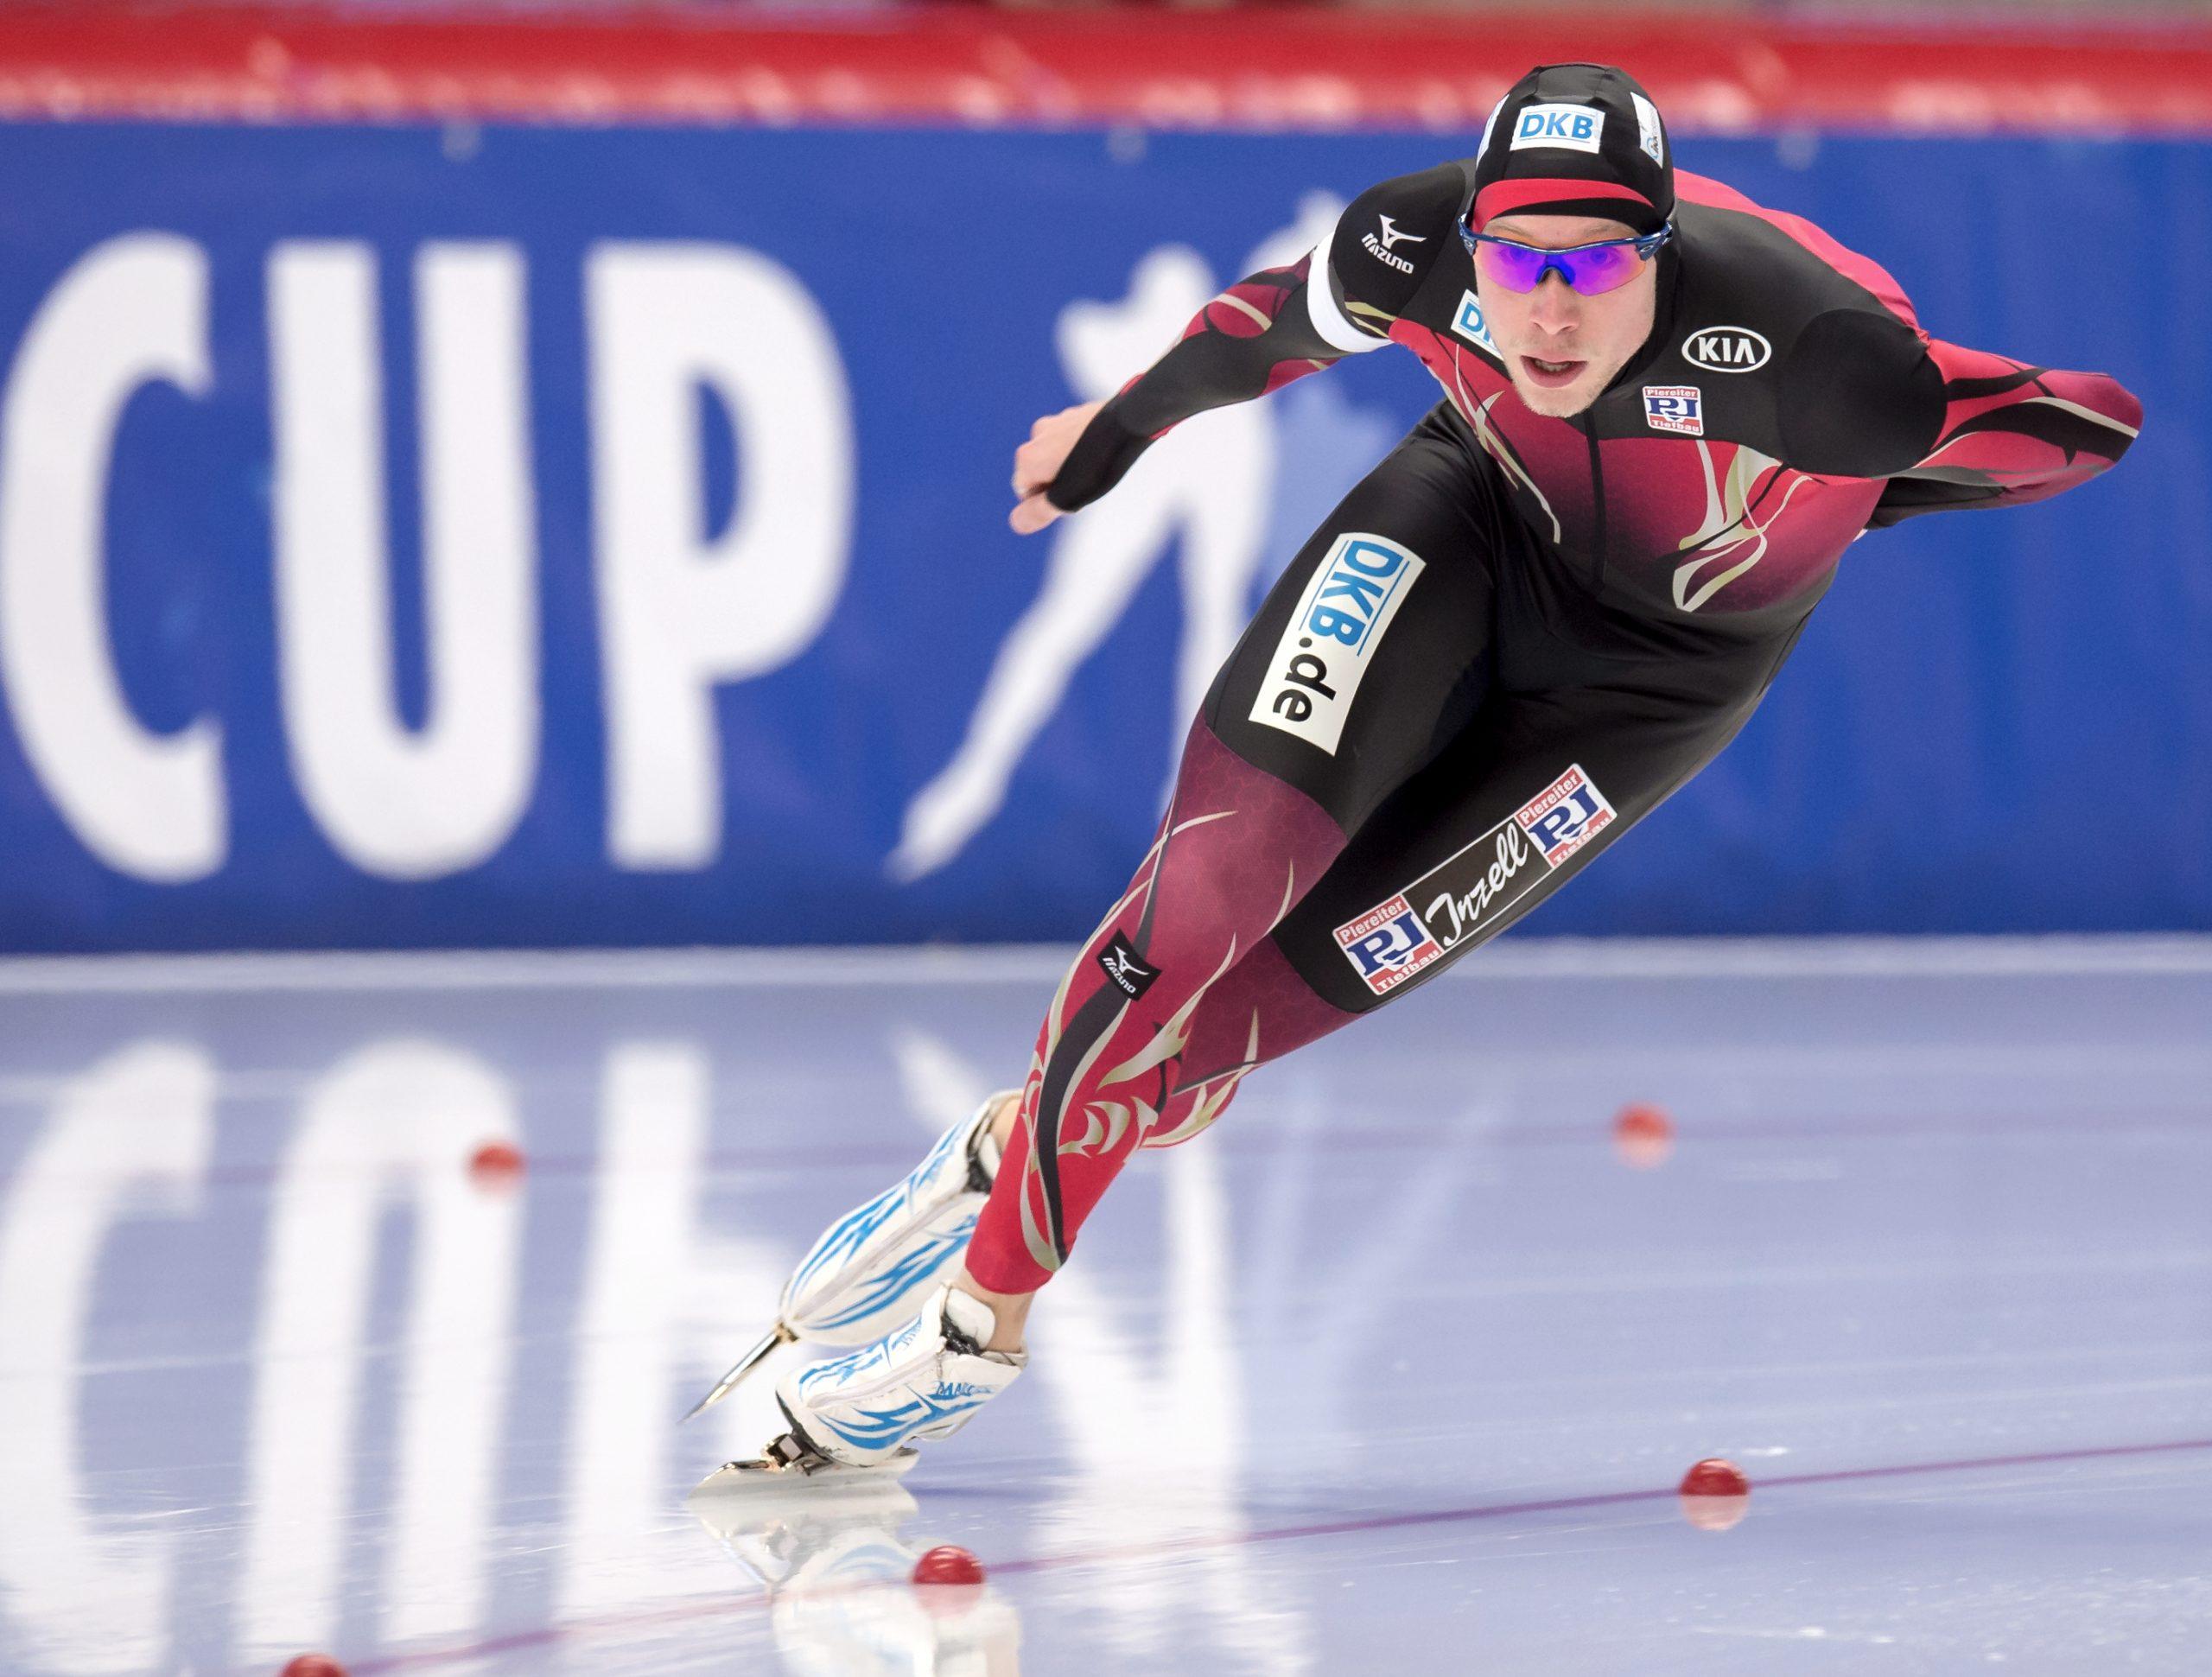 Über mich | Moritz Geisreiter - Eisschnellläufer Weltcup